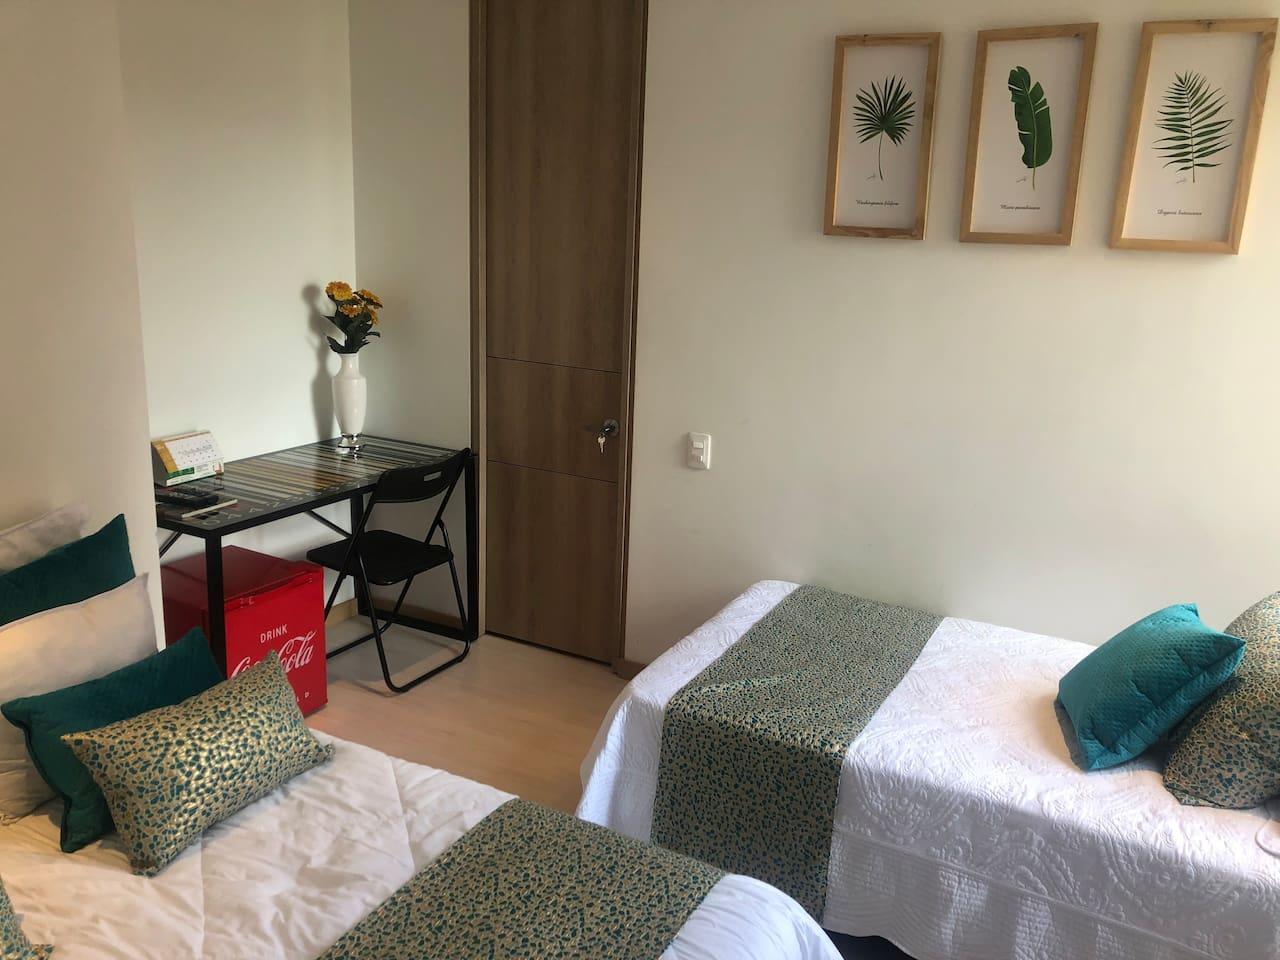 En esta habitación hay dos camas una doble de 1.40 y otra cama sencilla de 1.0 con súper cómodas buena ventilación e impecables